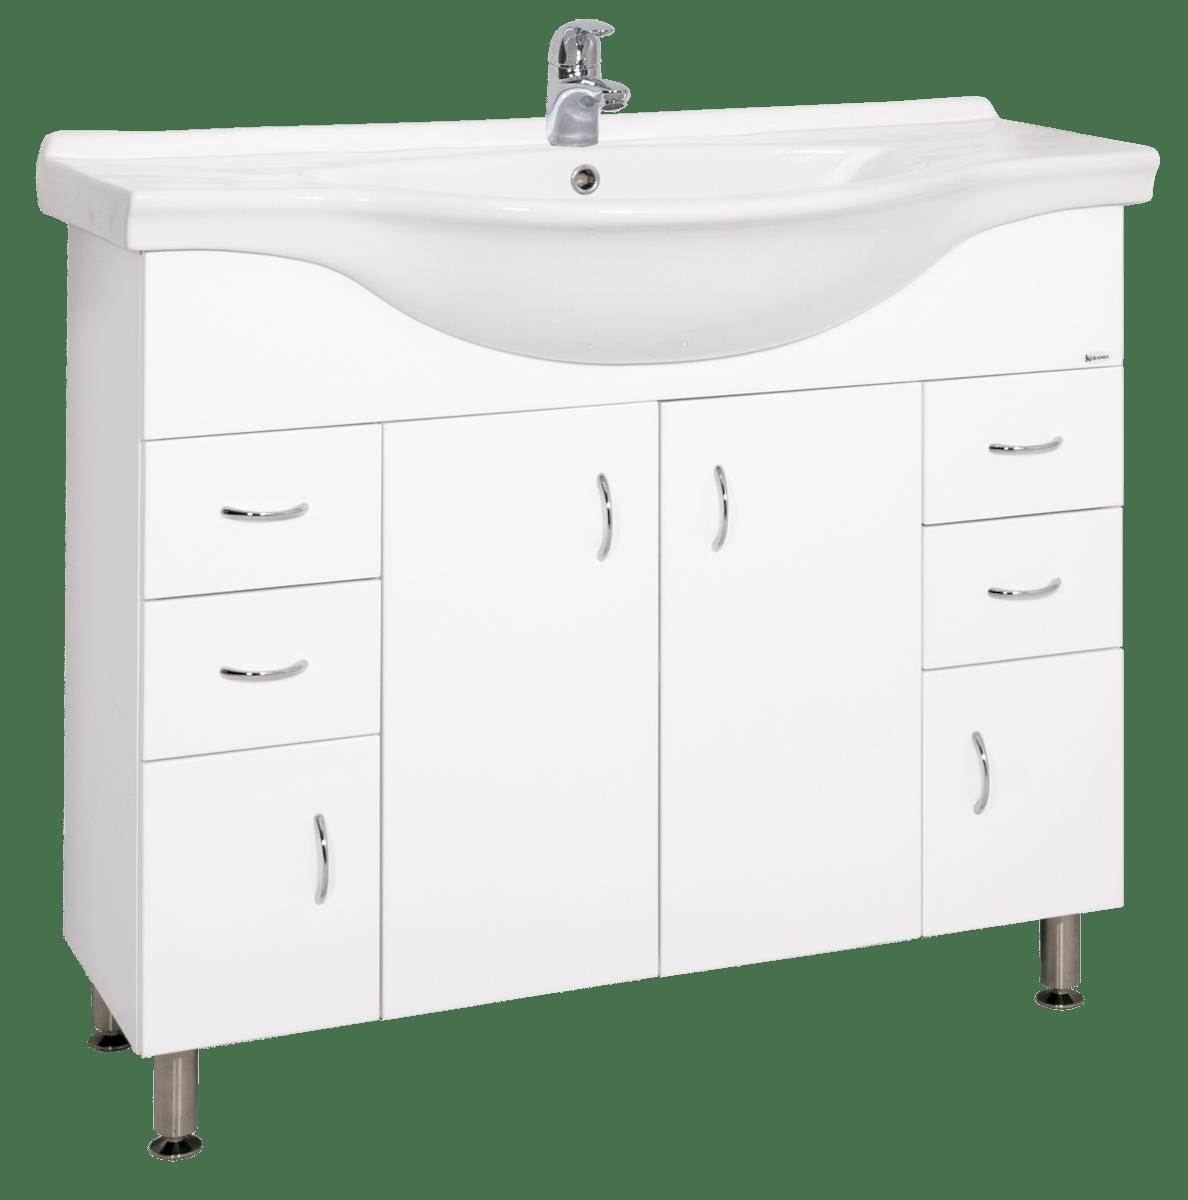 Kúpeľňová skrinka s umývadlom Keramia Pro 102x55 cm biela PRO100DV